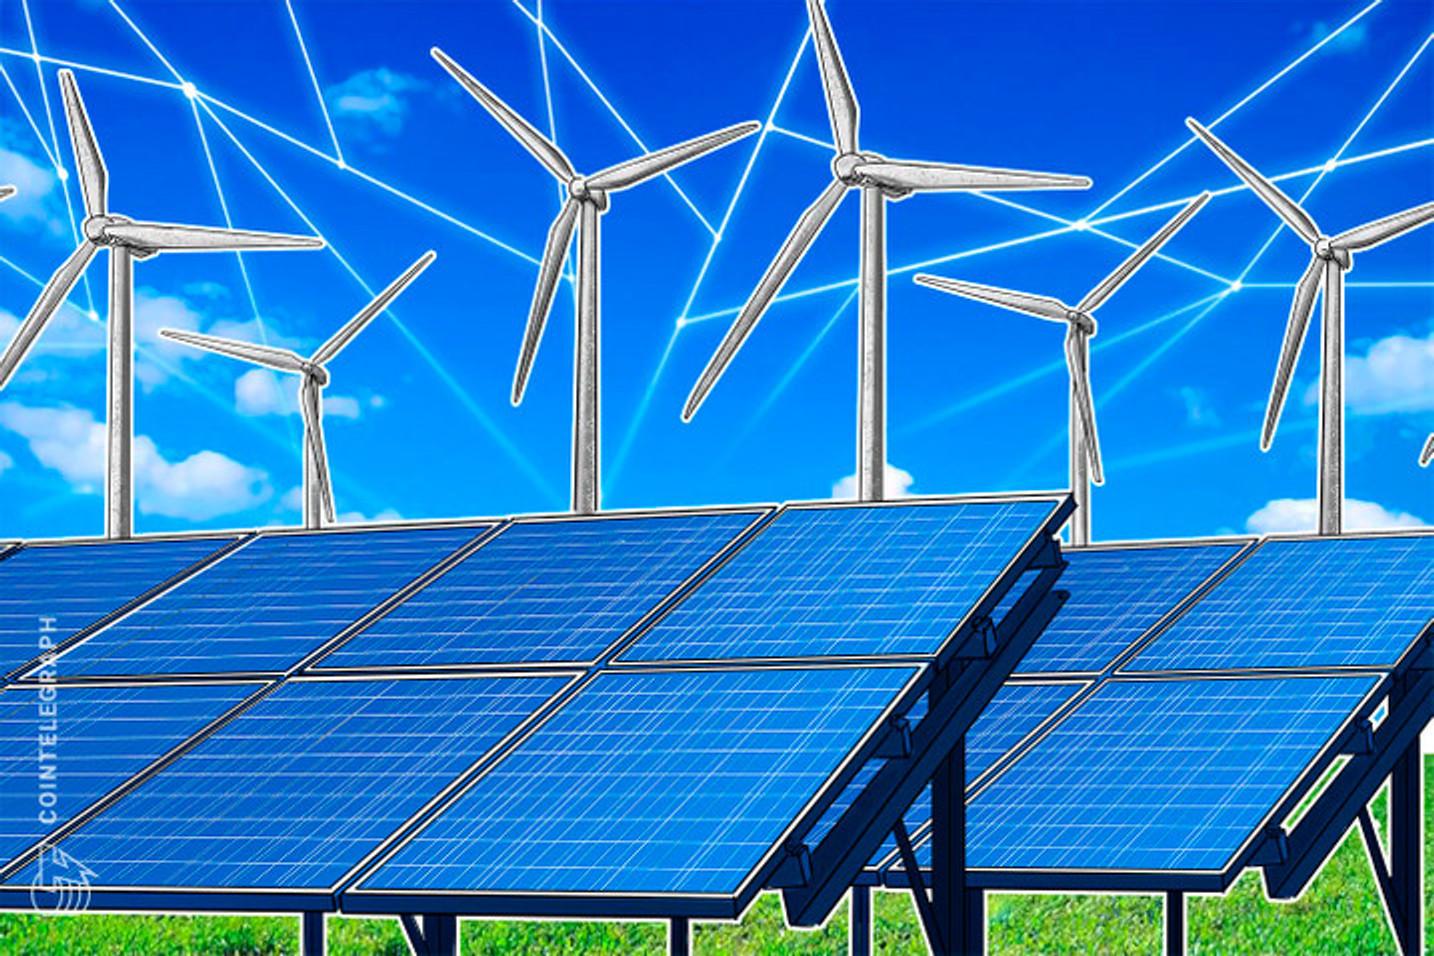 Wien Energie und Riddle & Code starten Tokenisierungs-Plattform für Photovoltaikanlagen